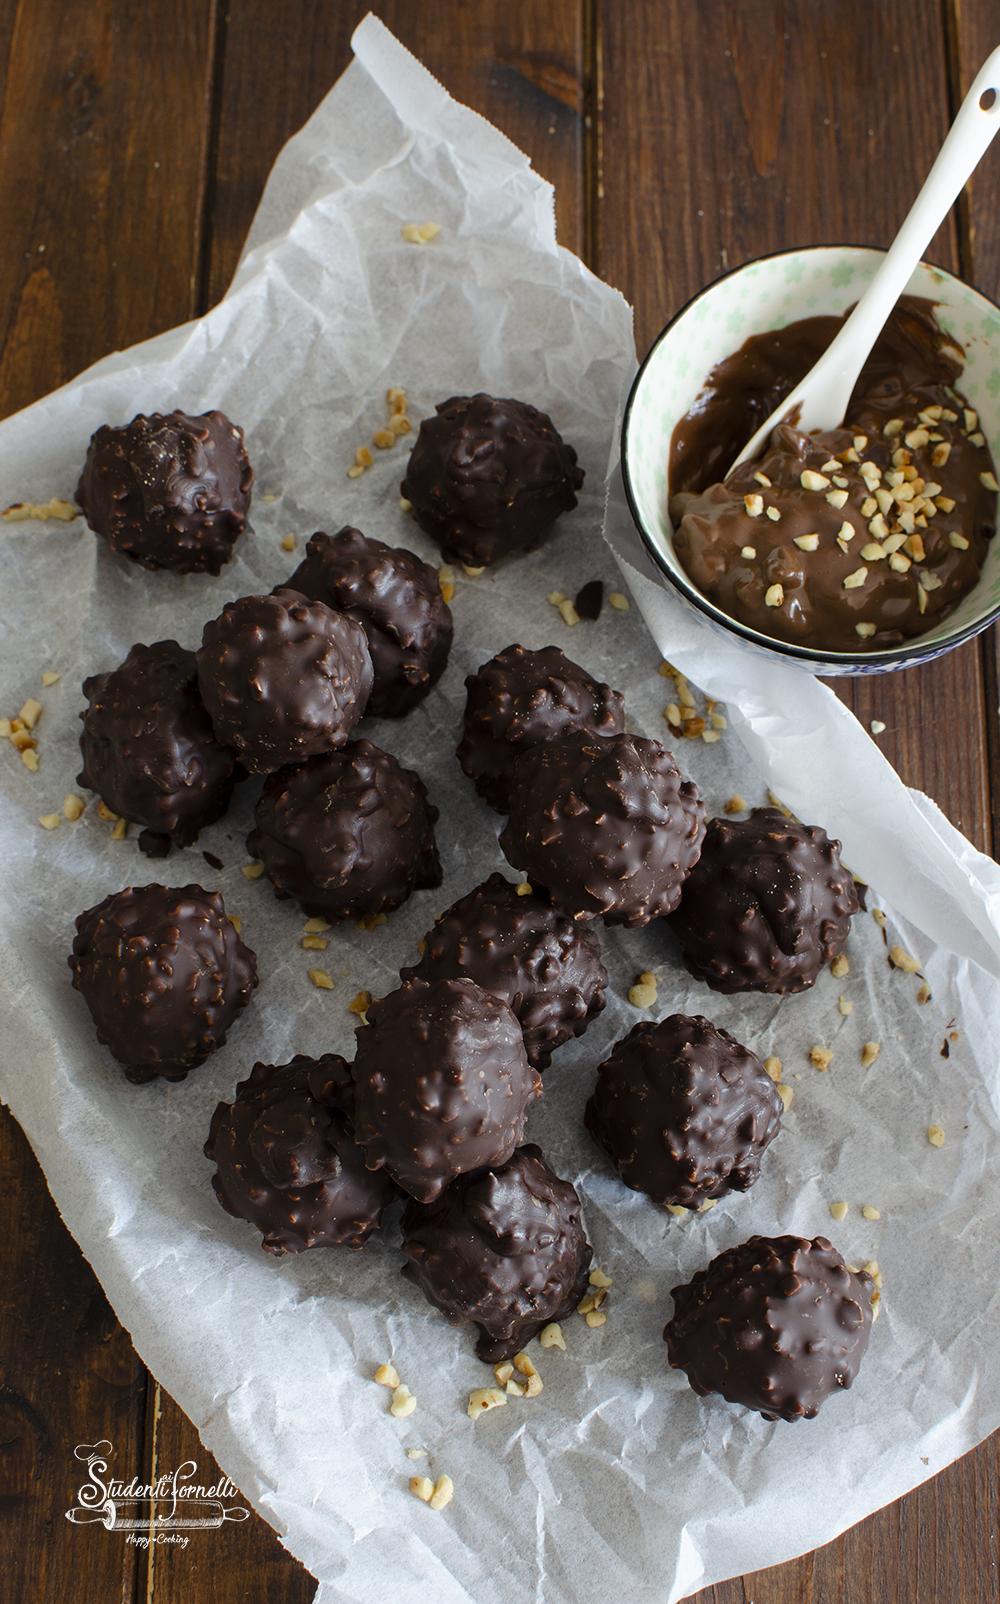 ricetta tartufini al cioccolato e nocciole rocher ricetta dolce